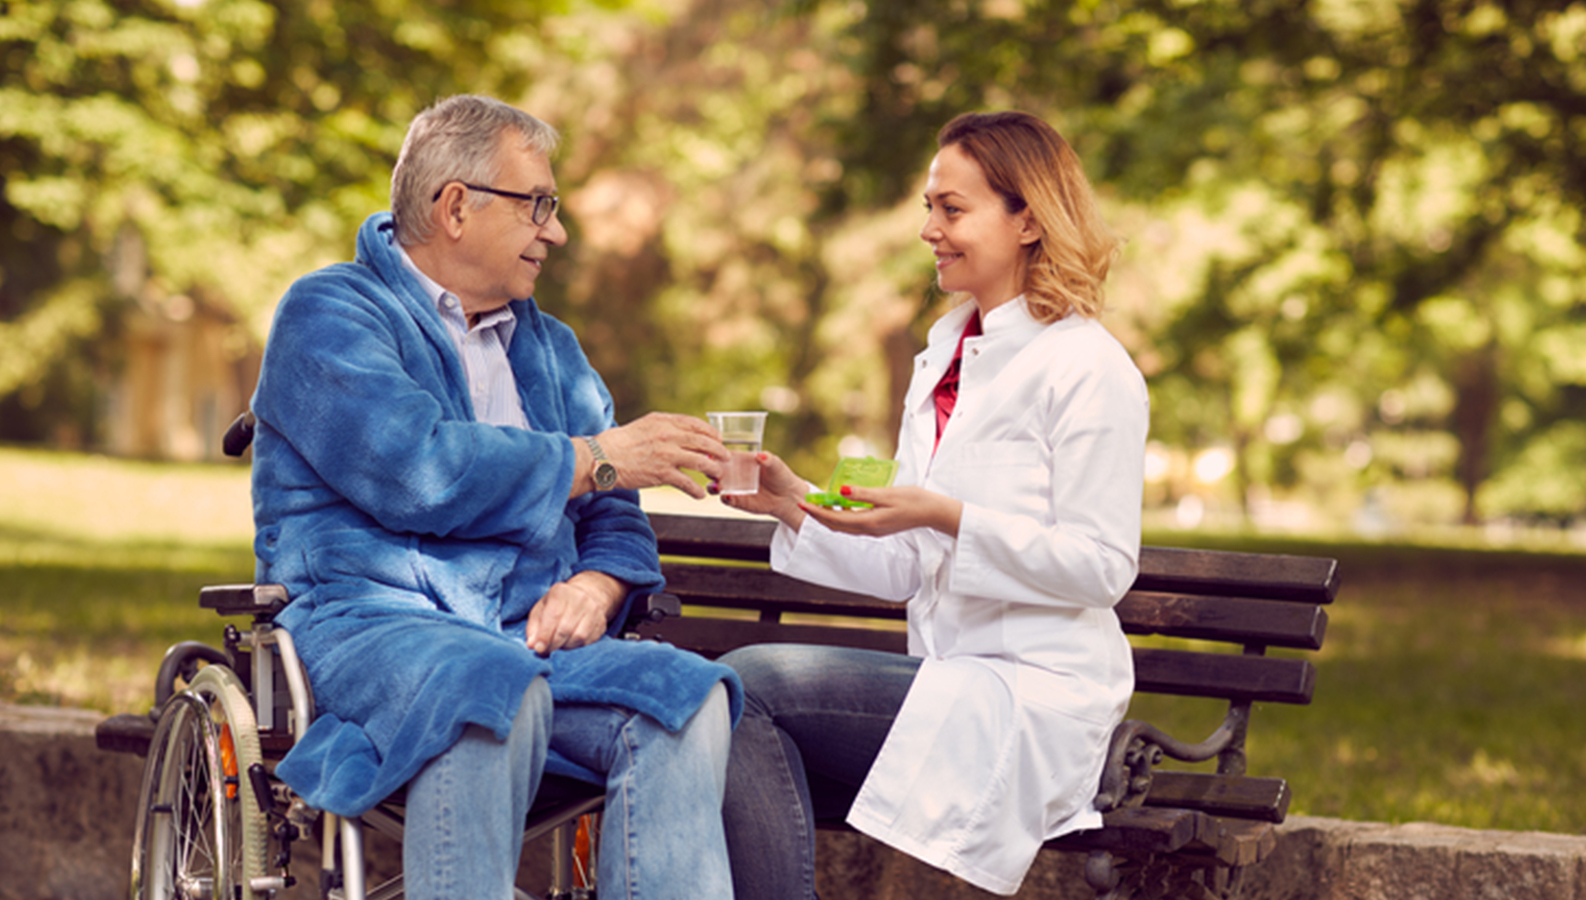 Хоспис впервые в российской практике возглавила медсестра